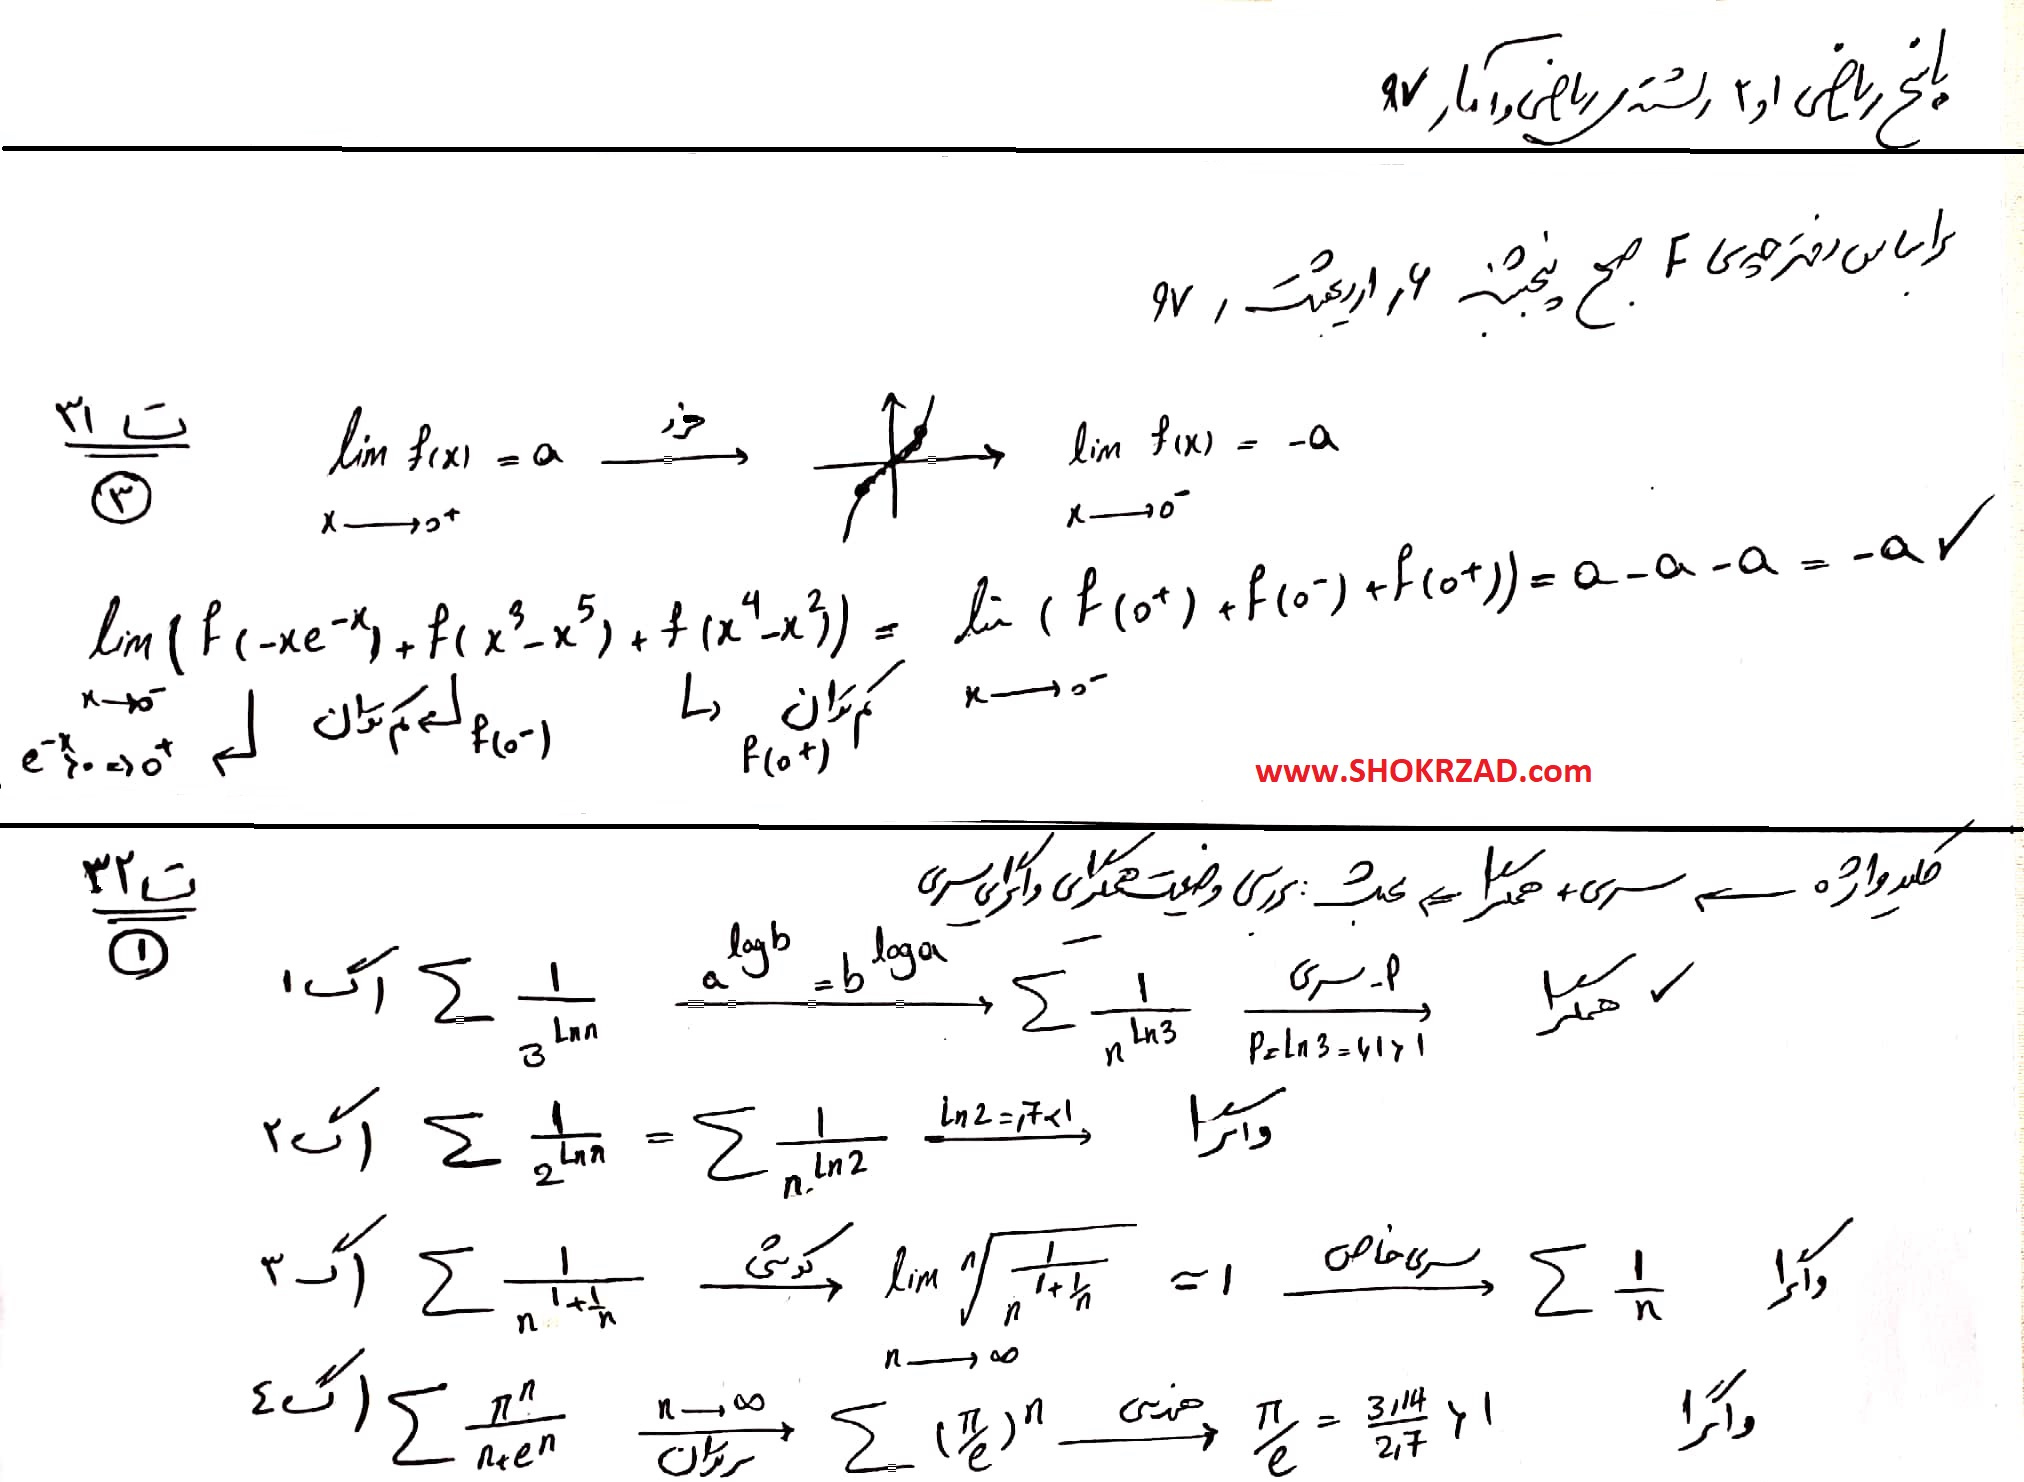 پاسخنامه تشریحی سوالات ریاضی کنکور ارشد ریاضی و آمار 97